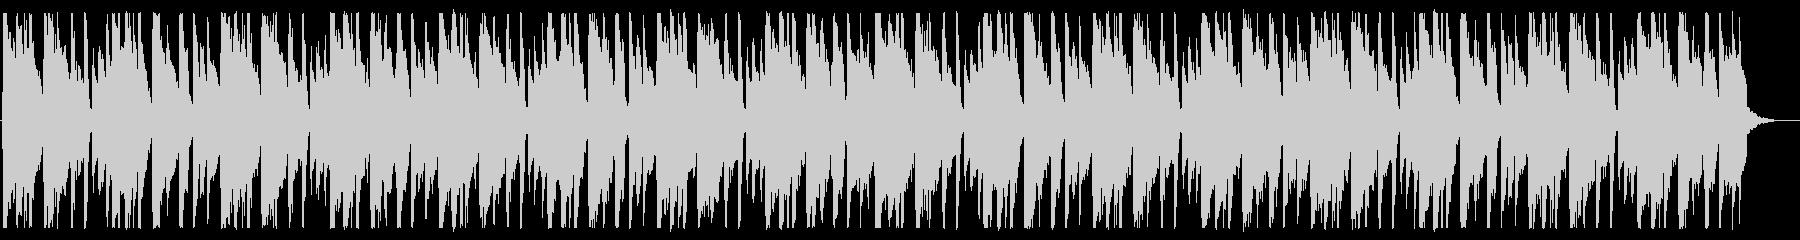 アーバン/都会/R&B_No458_5の未再生の波形